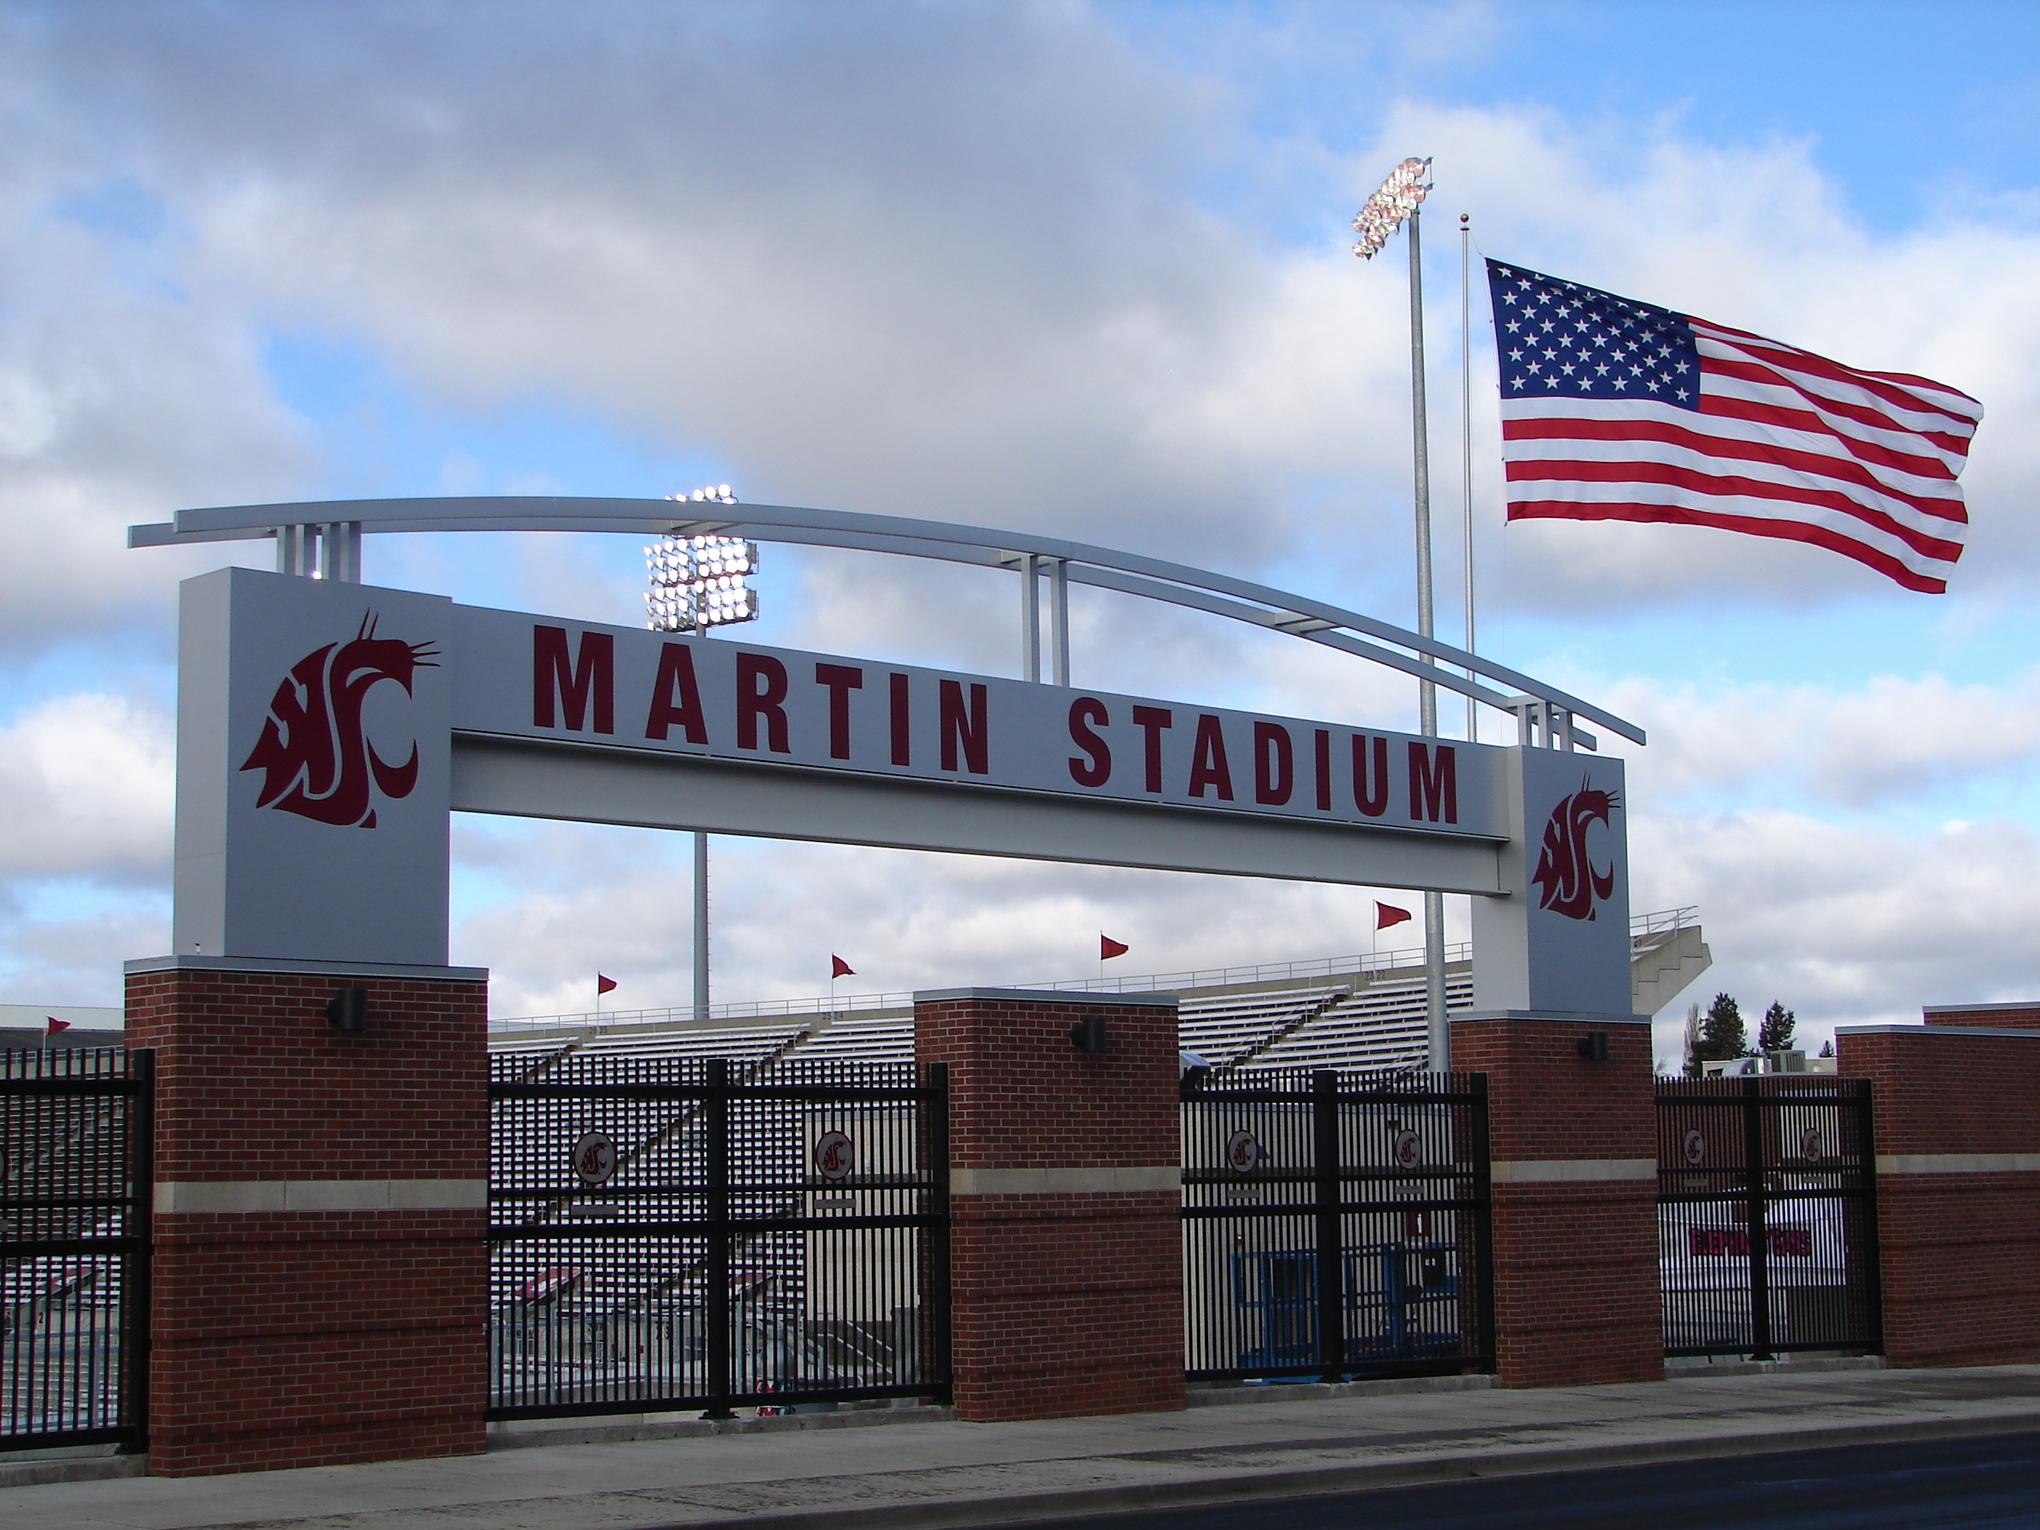 Martin_stadium_flag